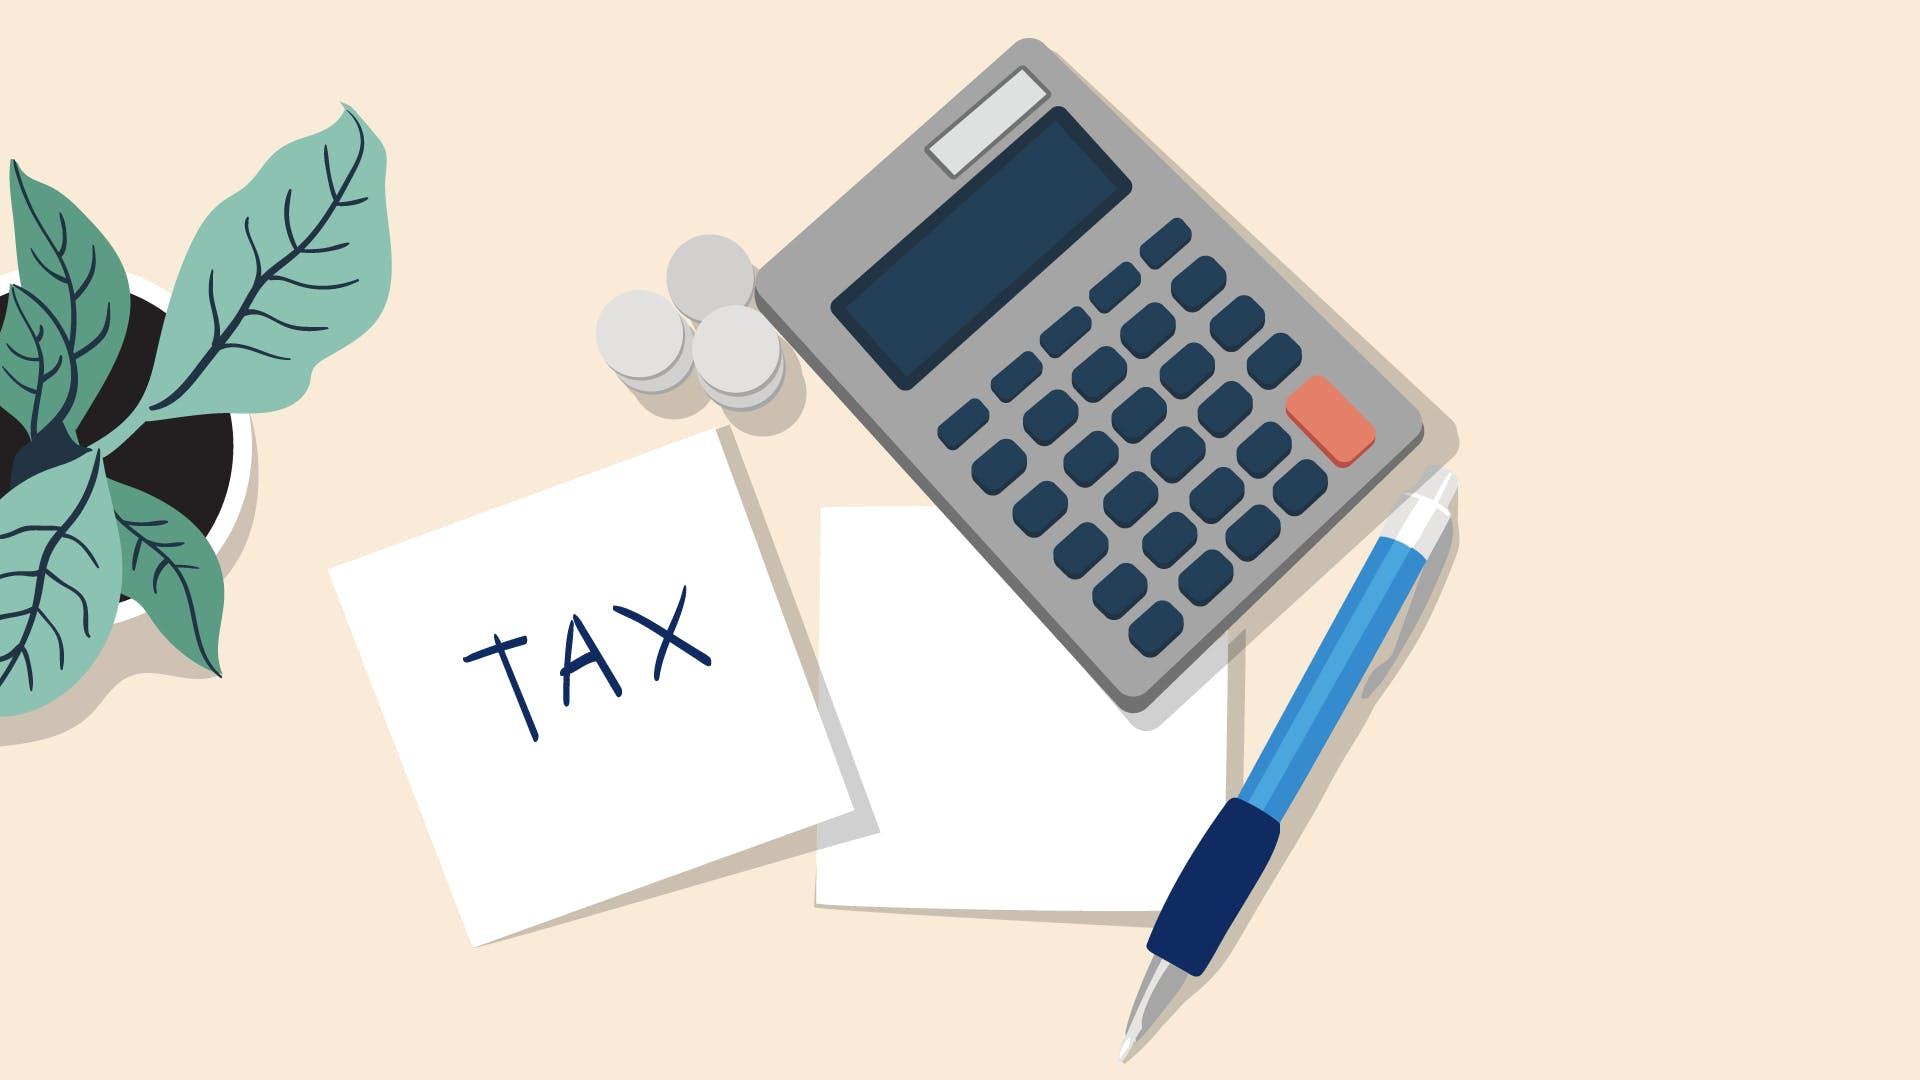 Taschenrechner, Kugelschreiber und weißes Papier zur Visualisierung der Kosten, die du von der Steuer absetzen kannst.